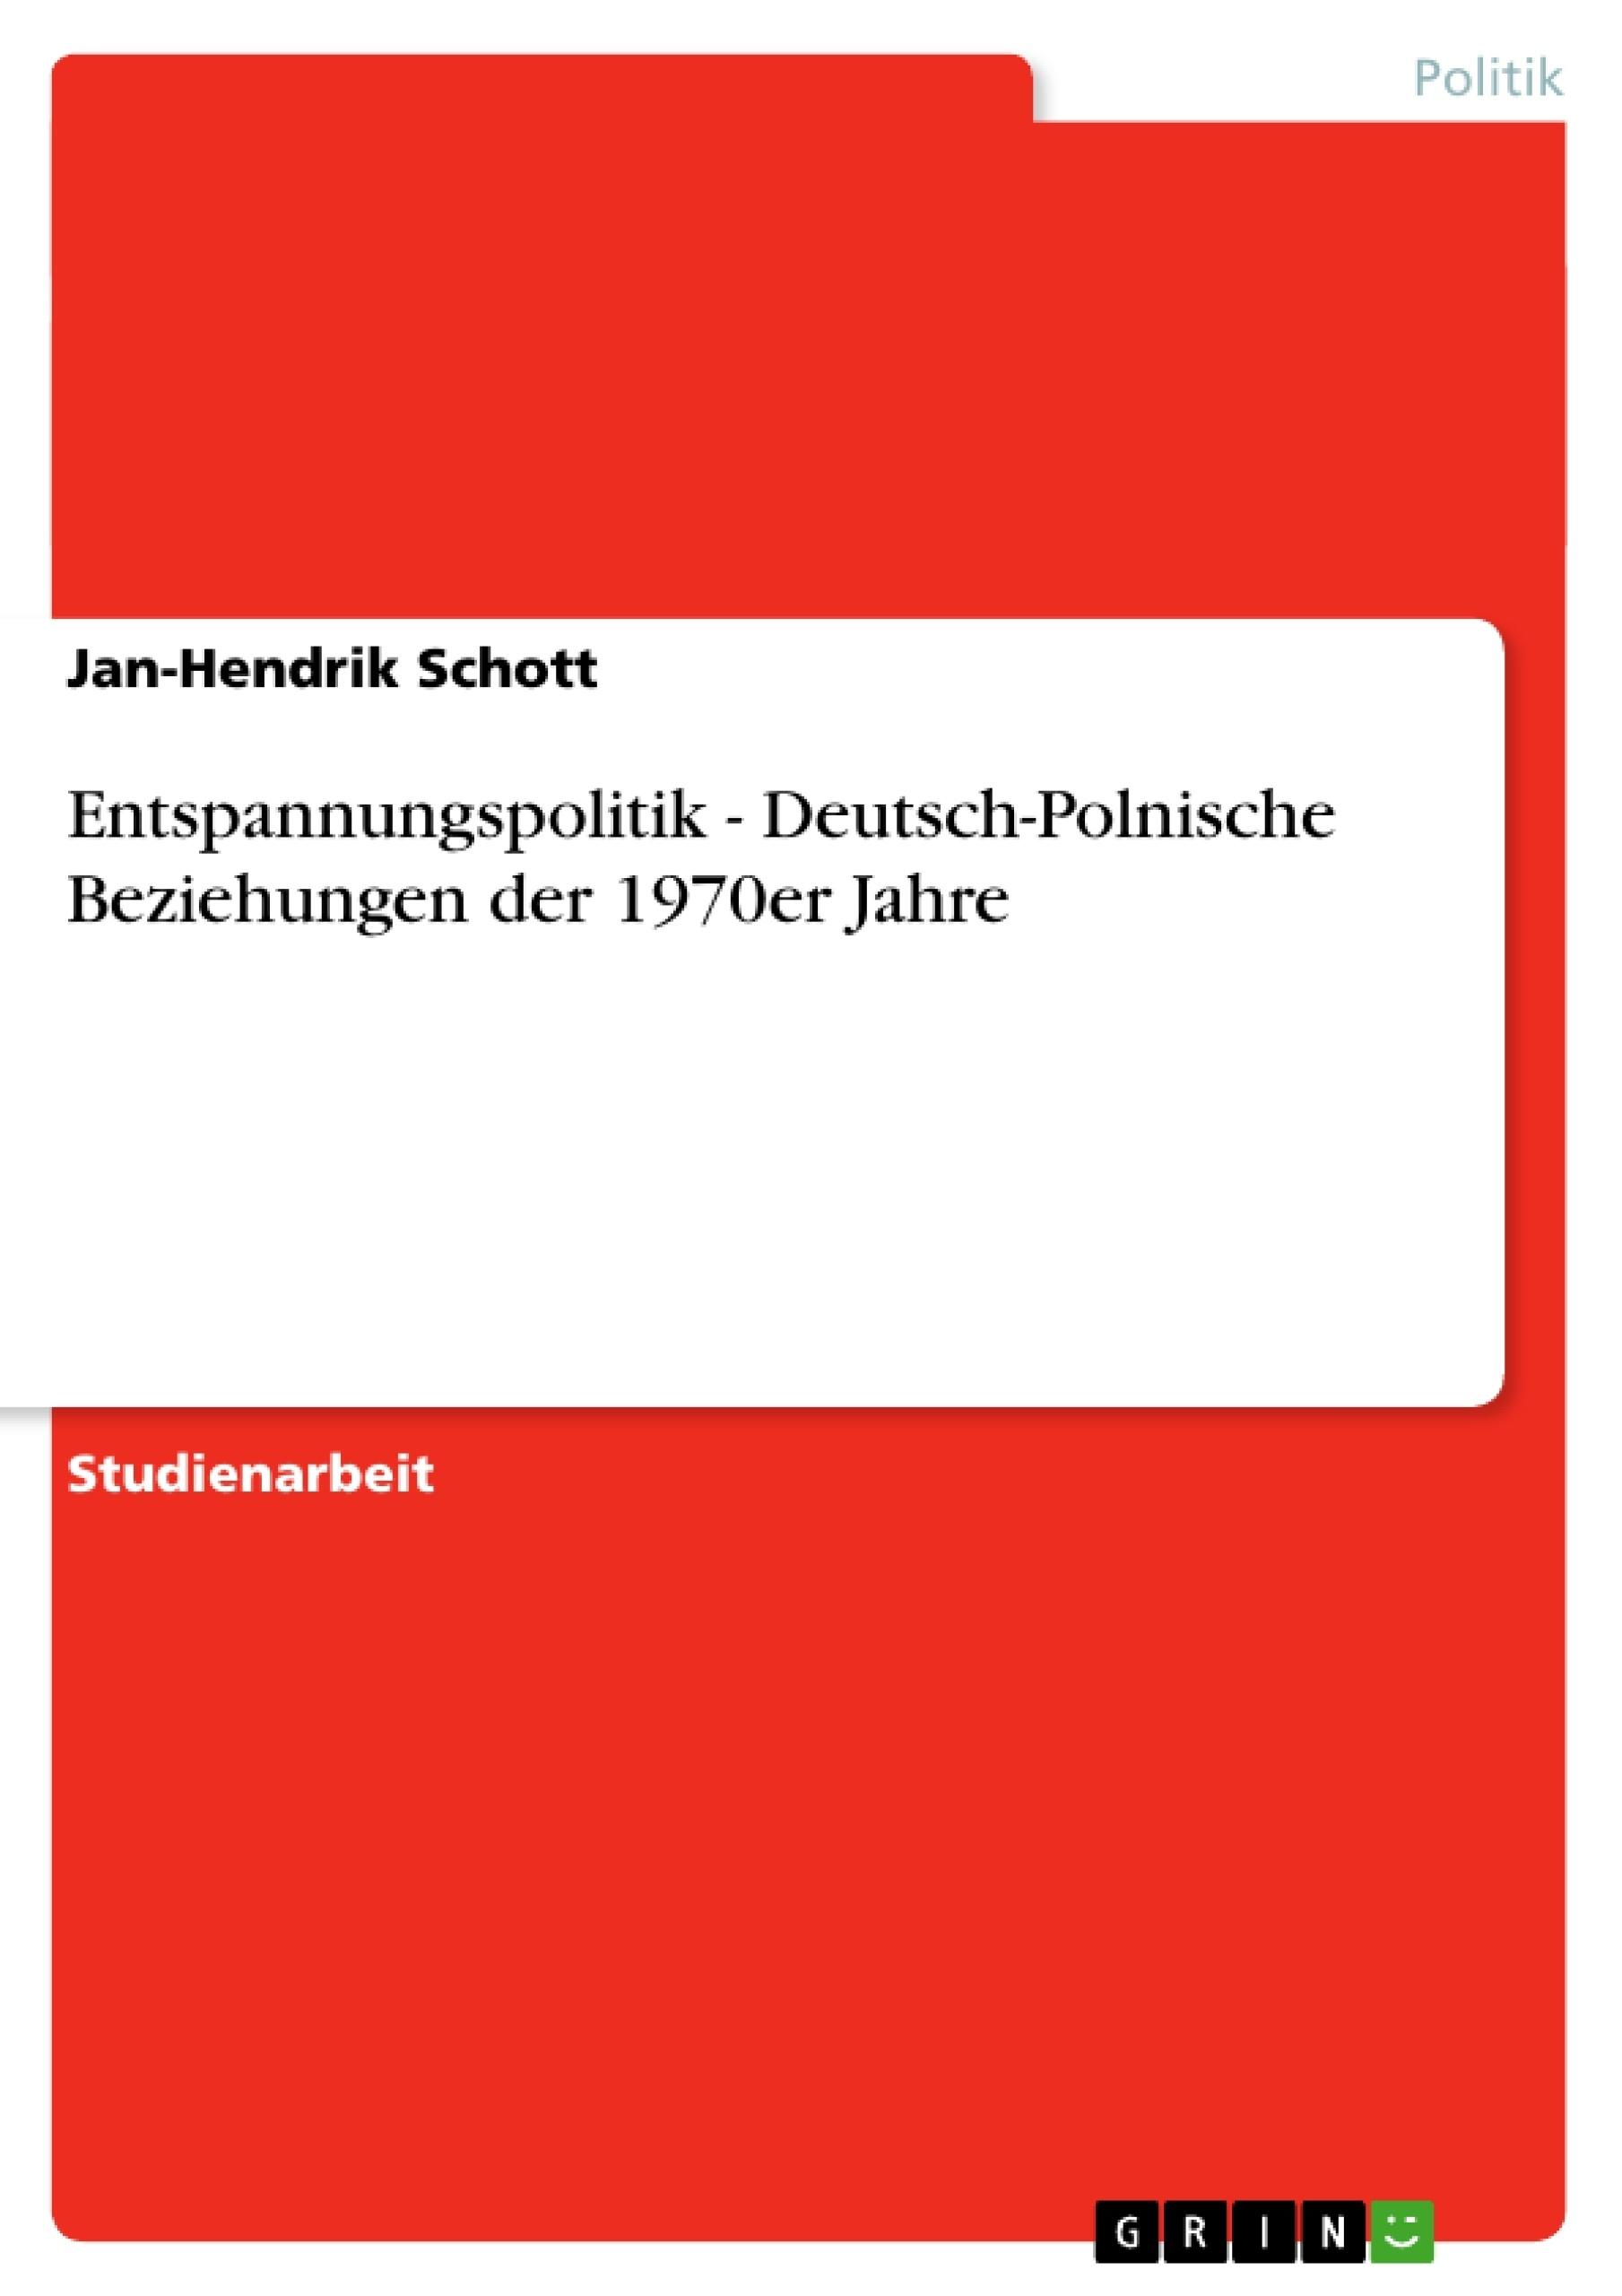 Titel: Entspannungspolitik - Deutsch-Polnische Beziehungen der 1970er Jahre